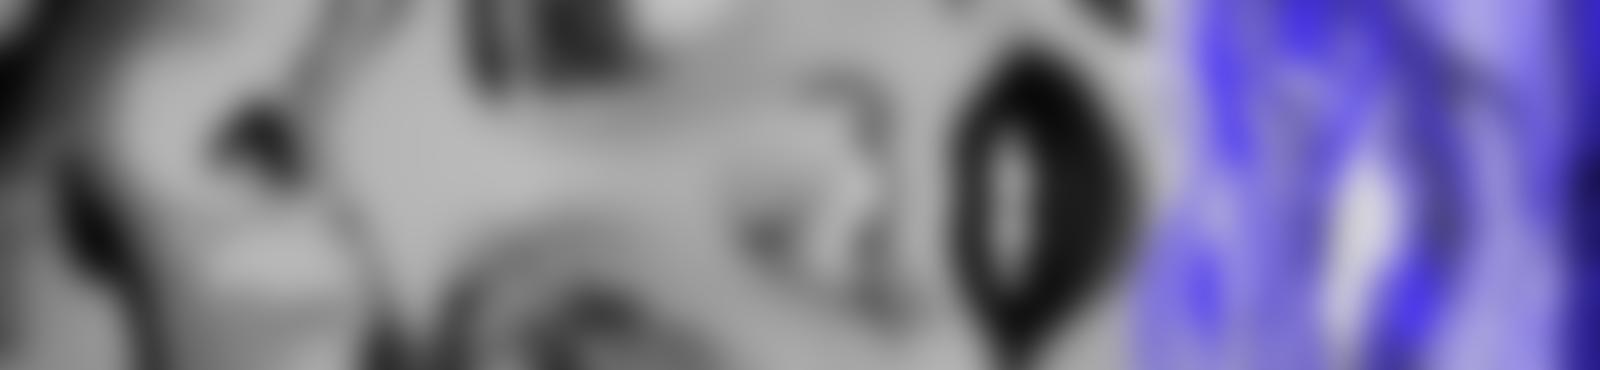 Blurred 6d9c08a2 d14f 405b 8240 8cc0715b5484